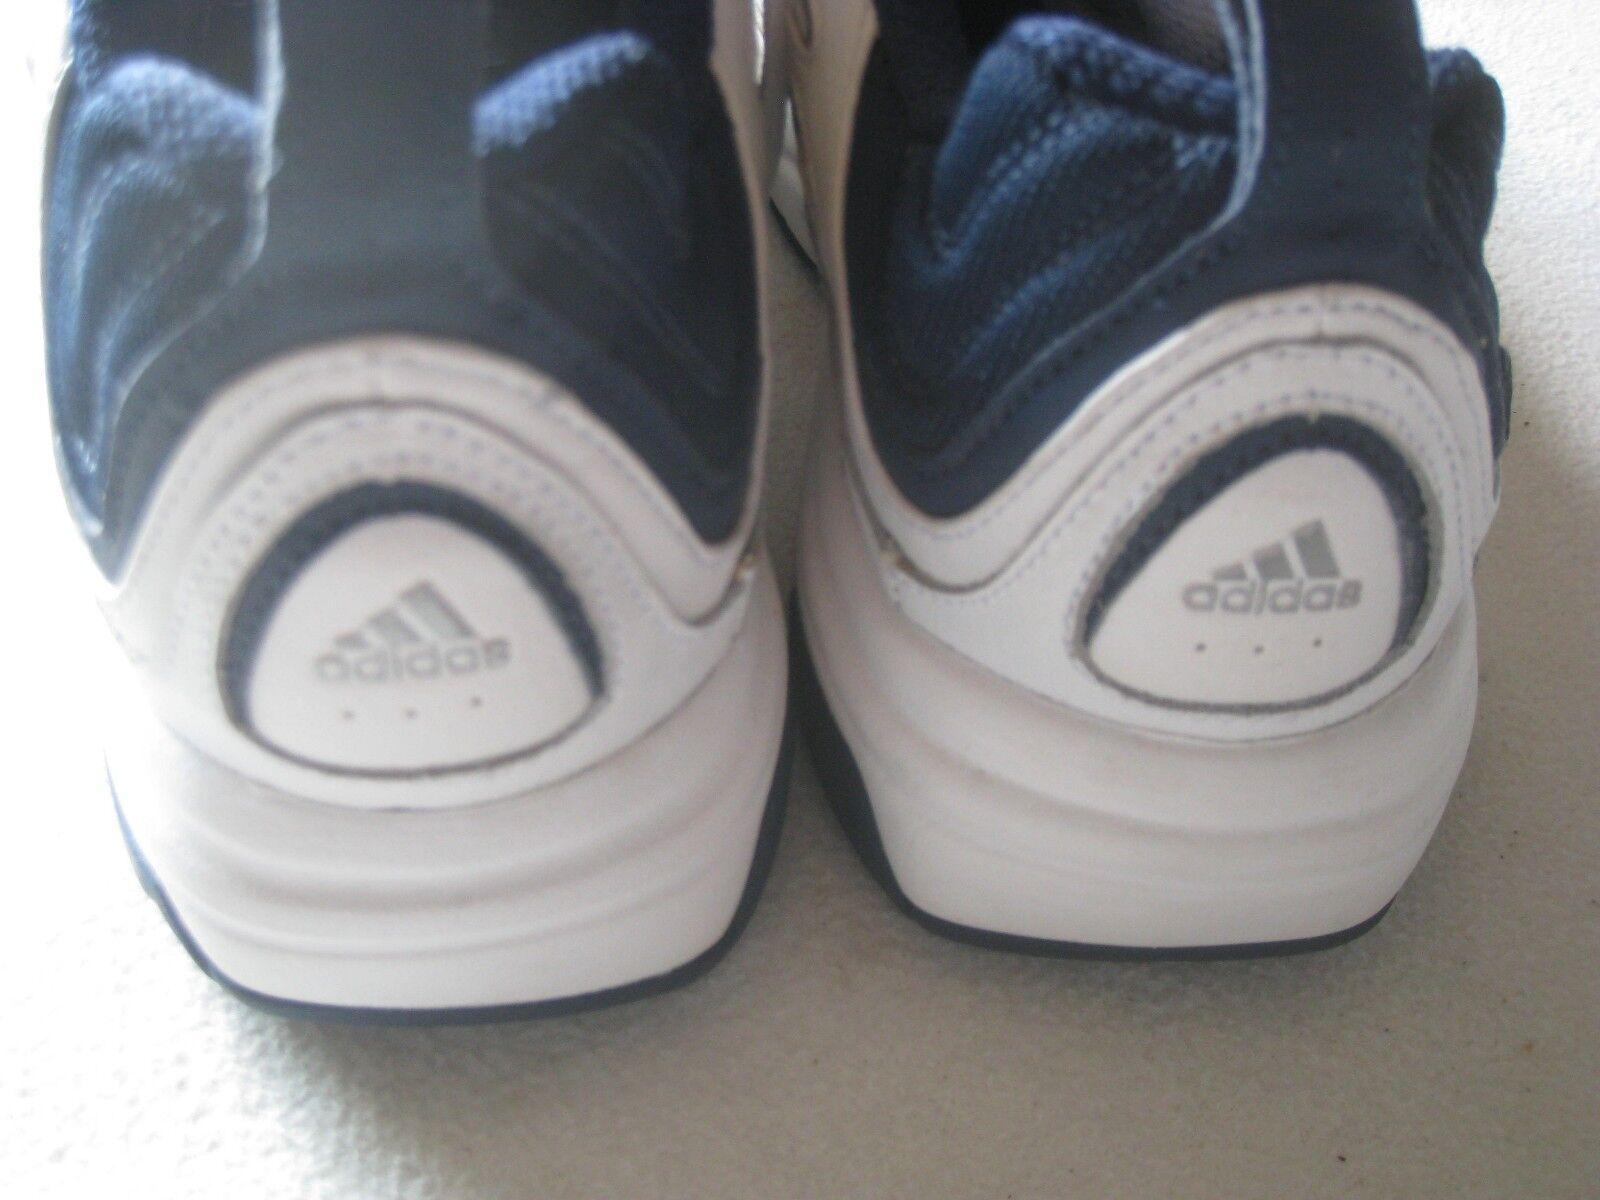 Sehr schöne Adidas adiPRENE Turnschuhe/Freizeitschuhe fast wie neu ! Gr. 8